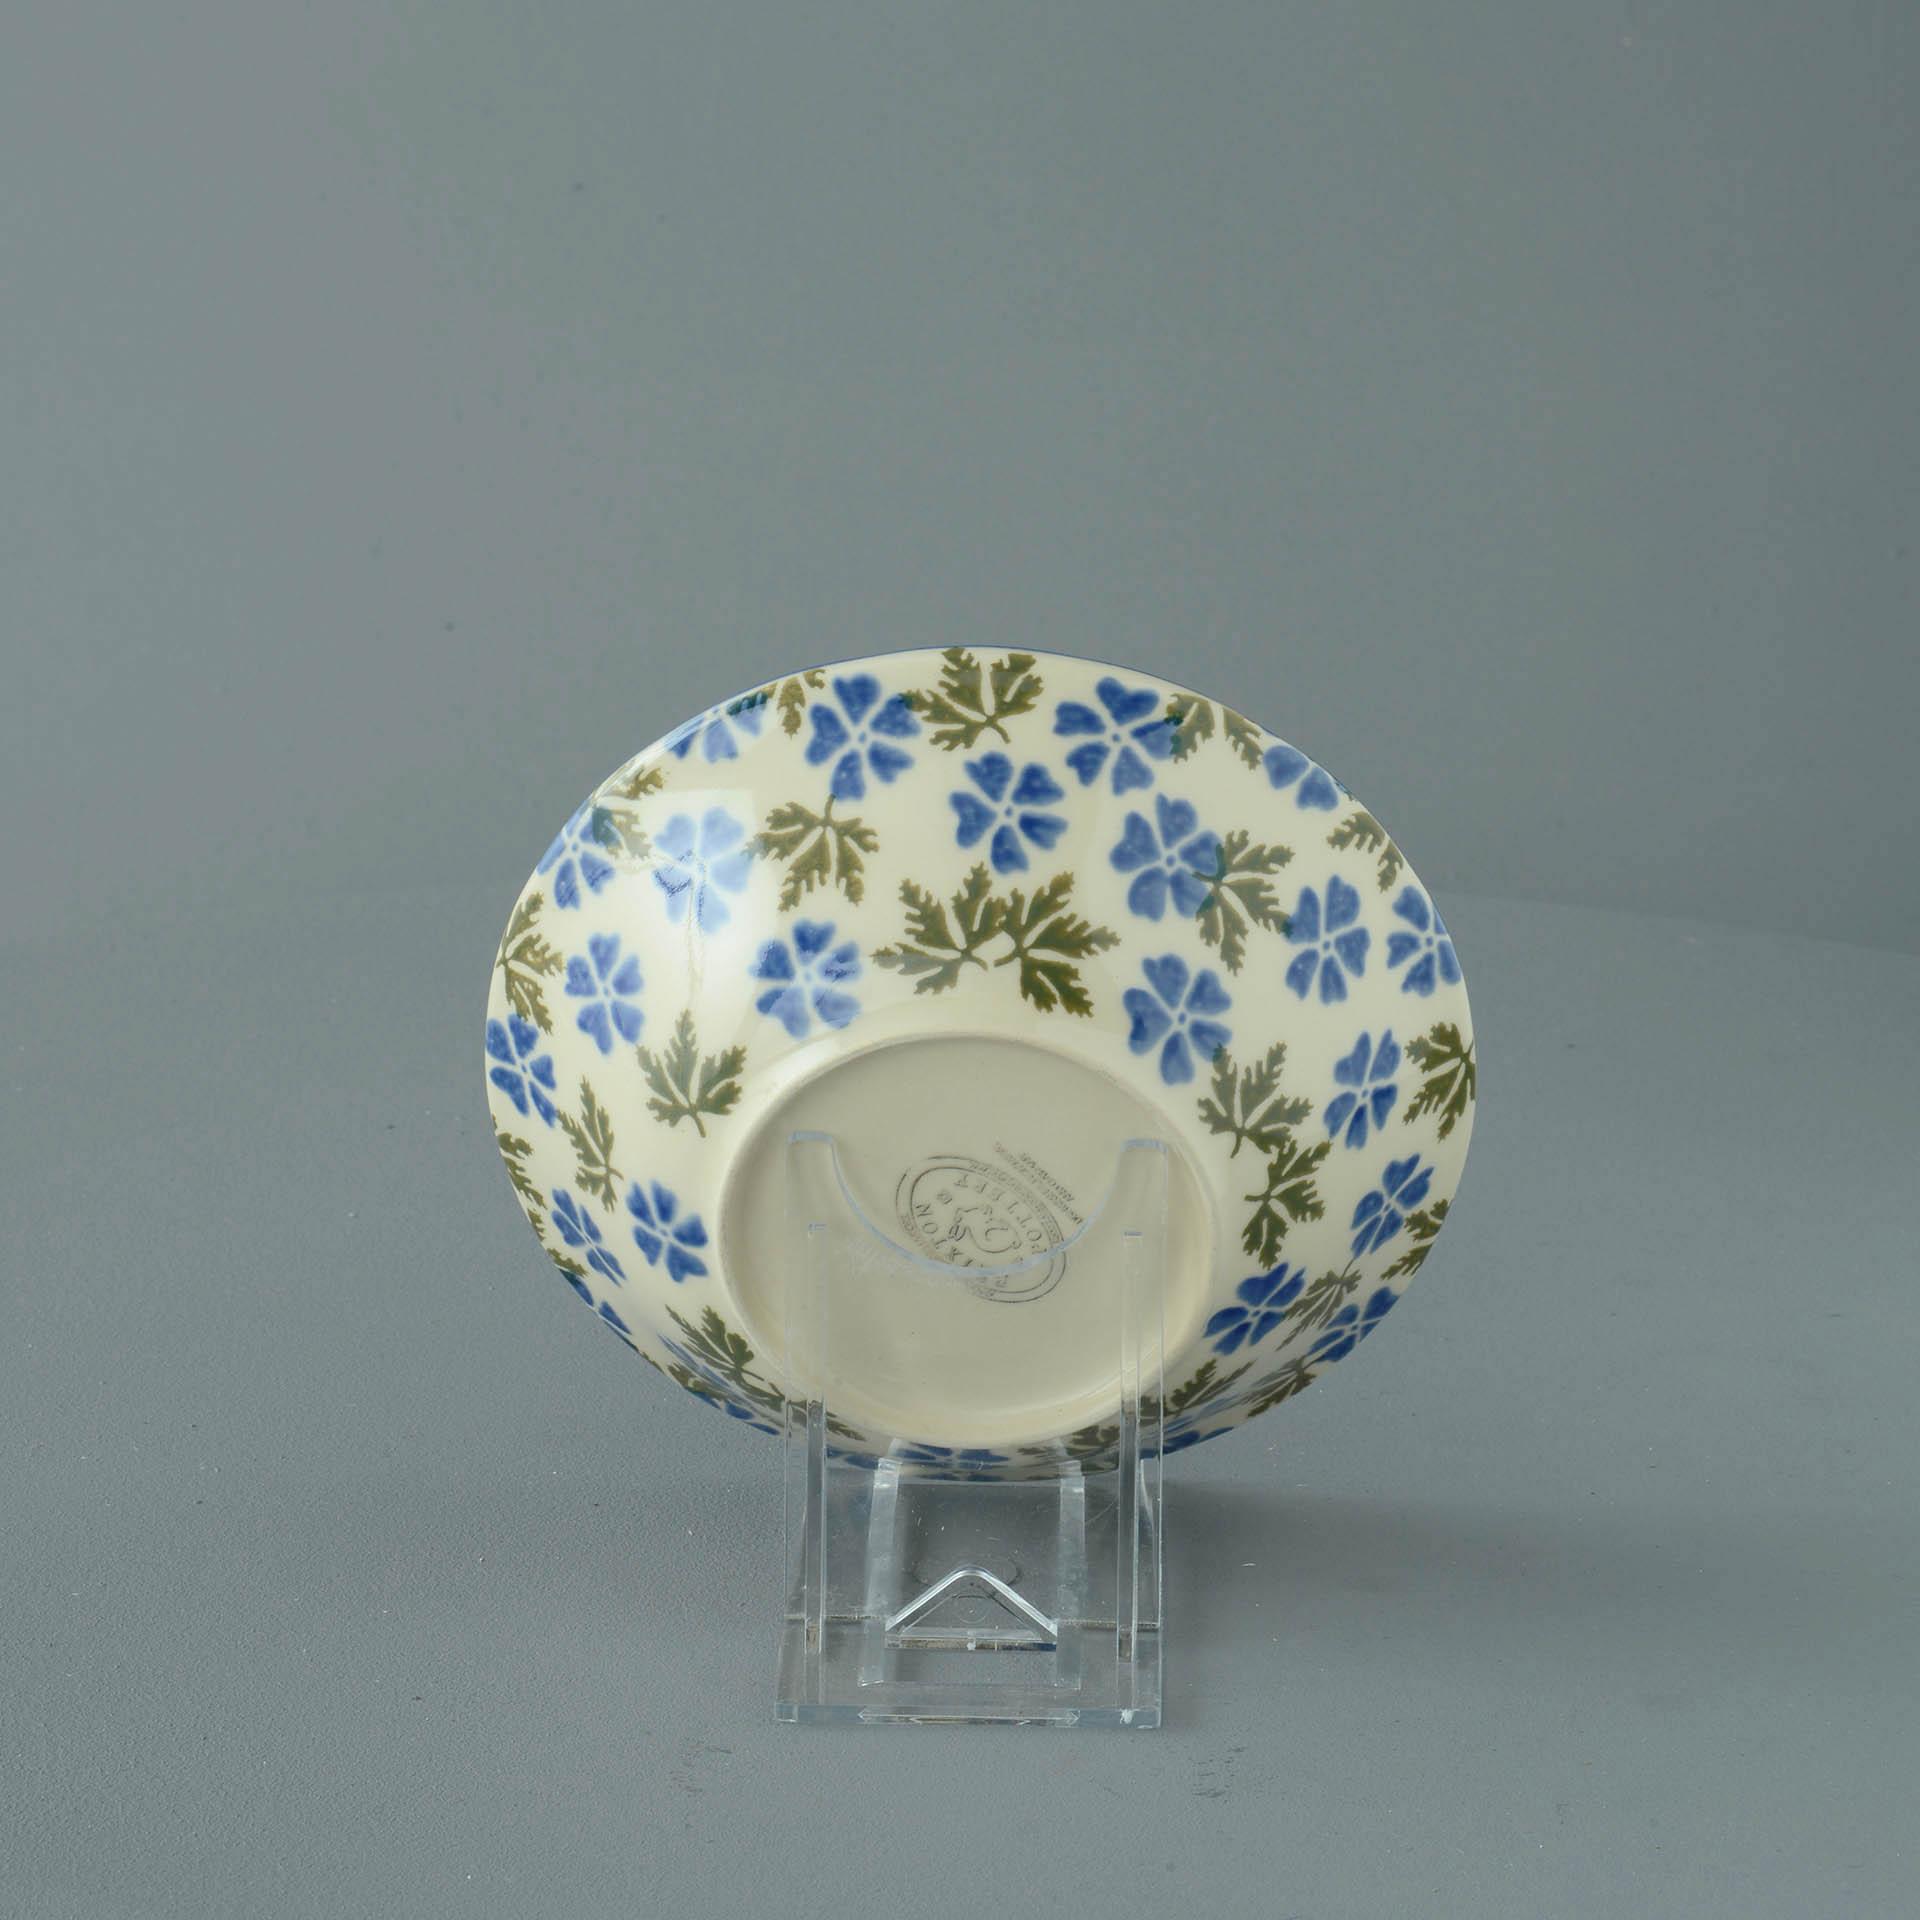 Geranium Baby Bowl 4.5 x 15cm